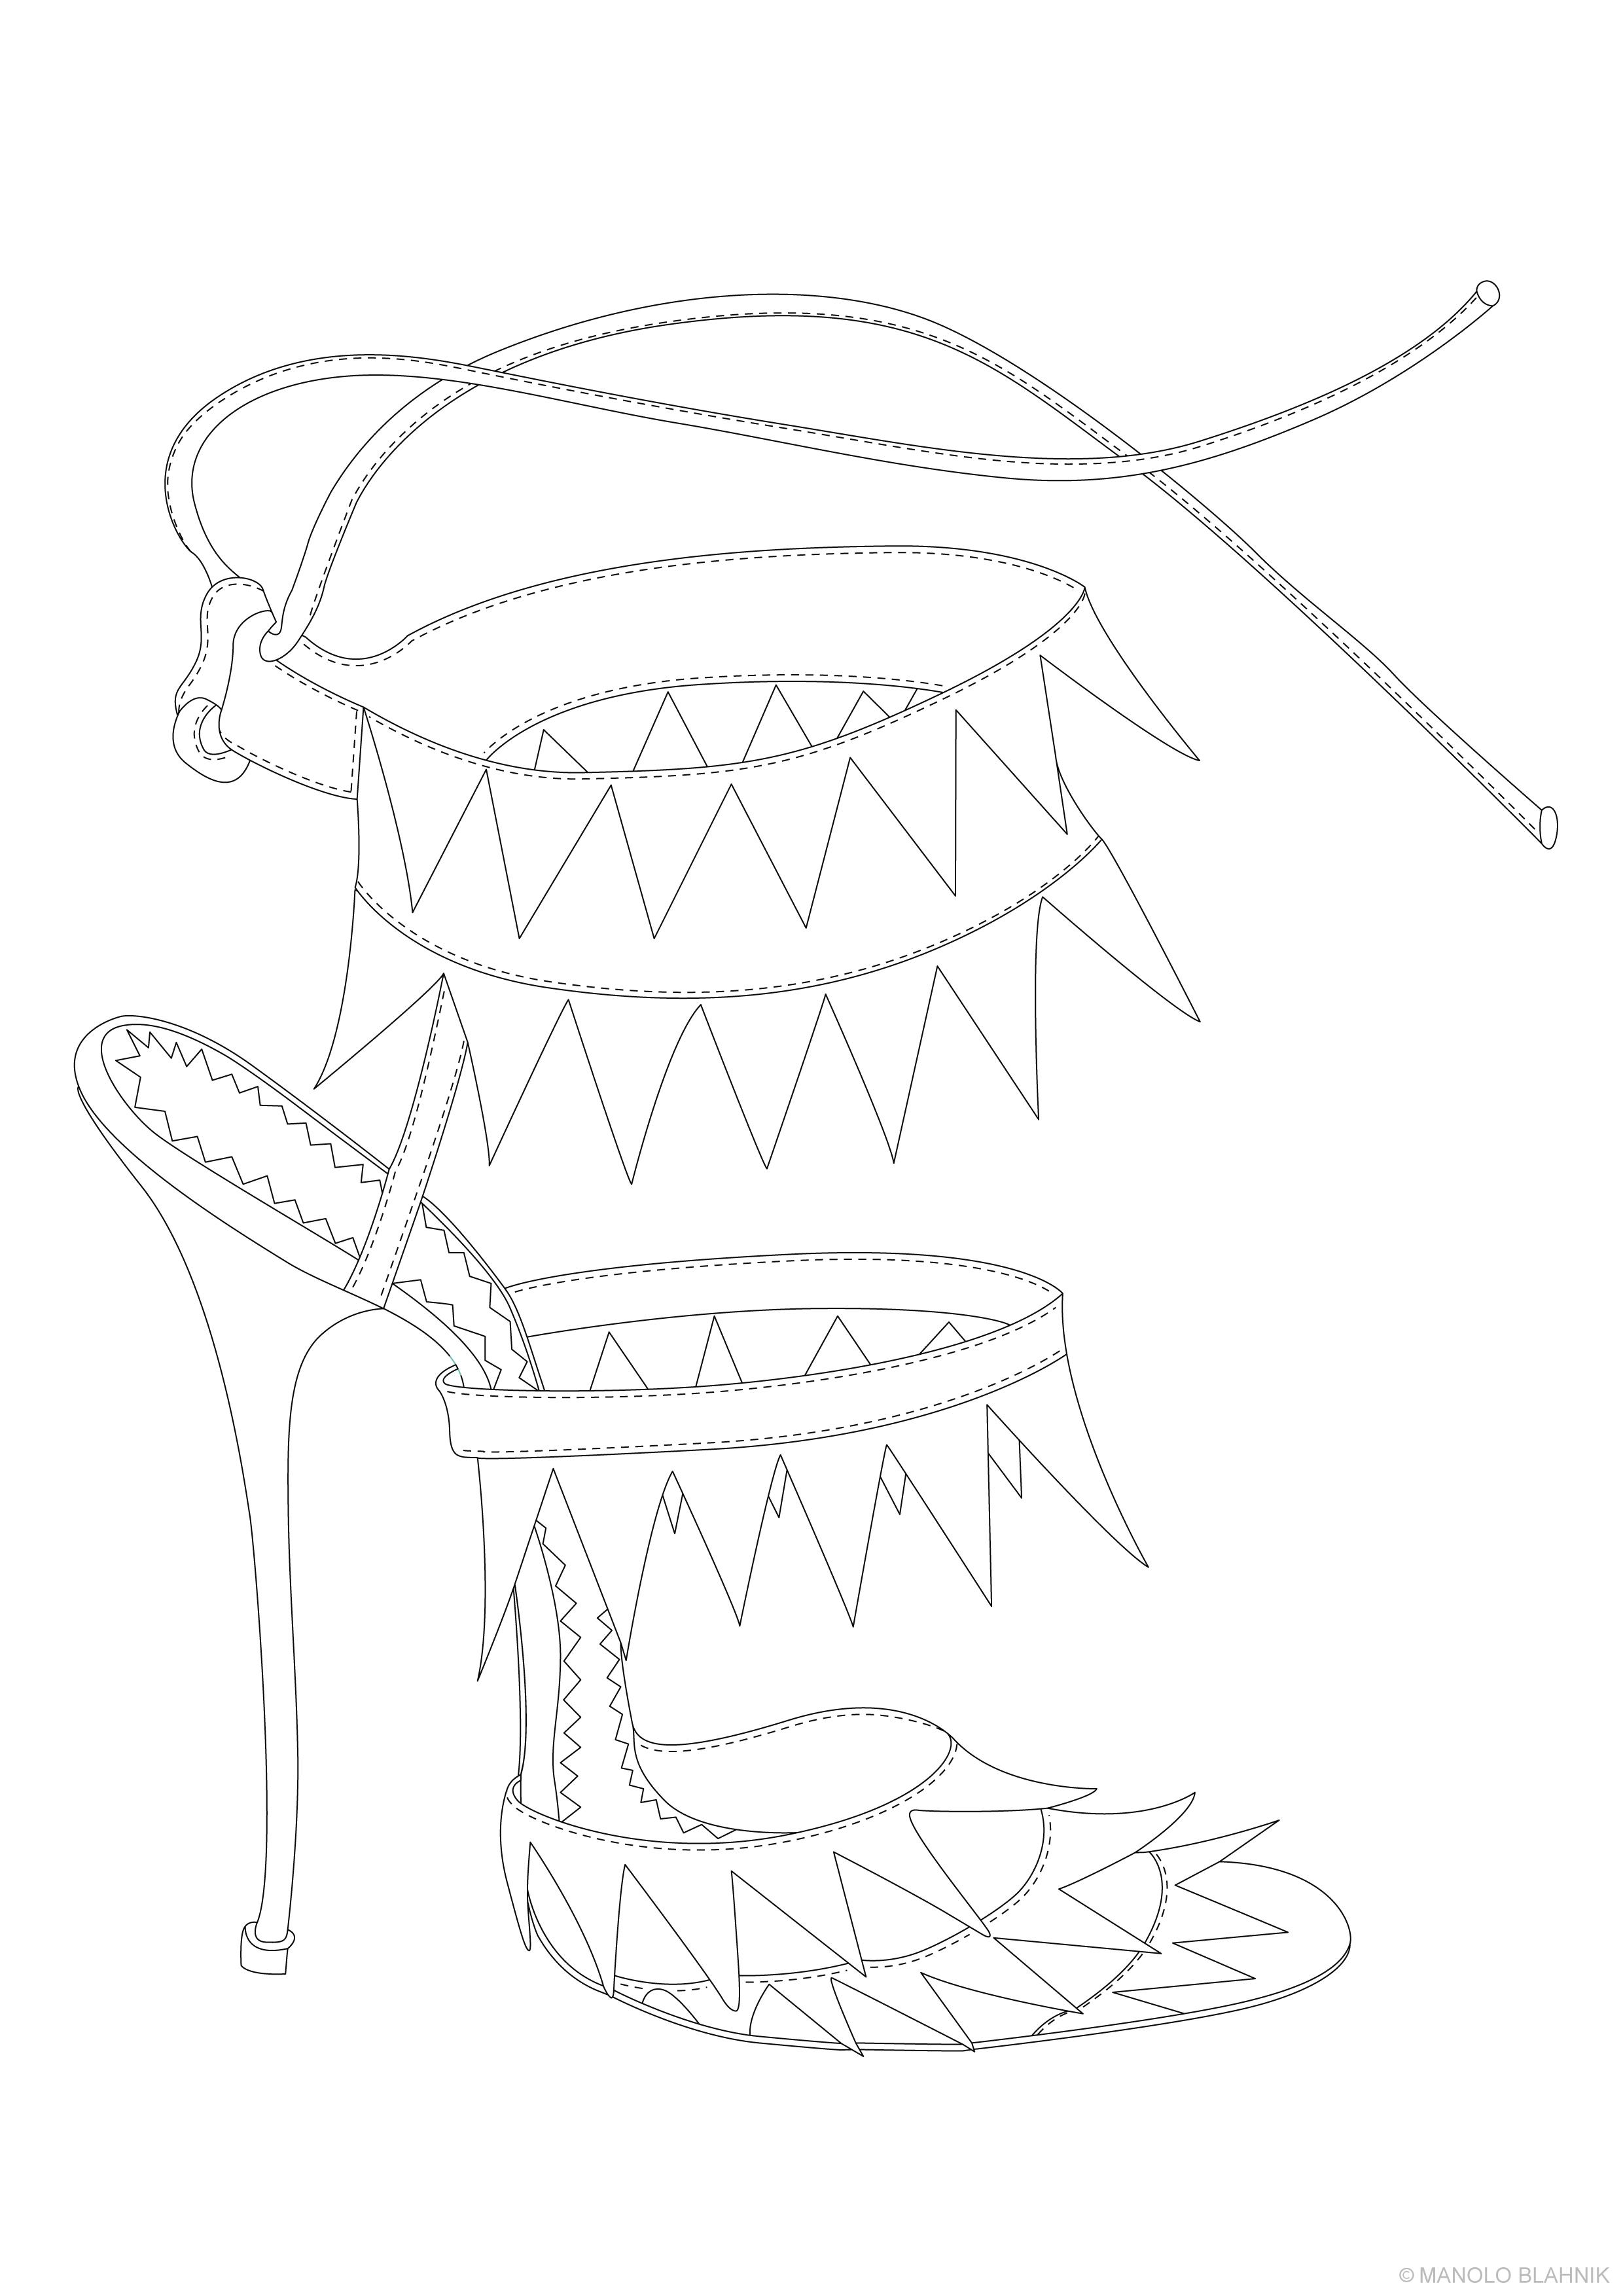 Tranh tô màu Sandal cao gót